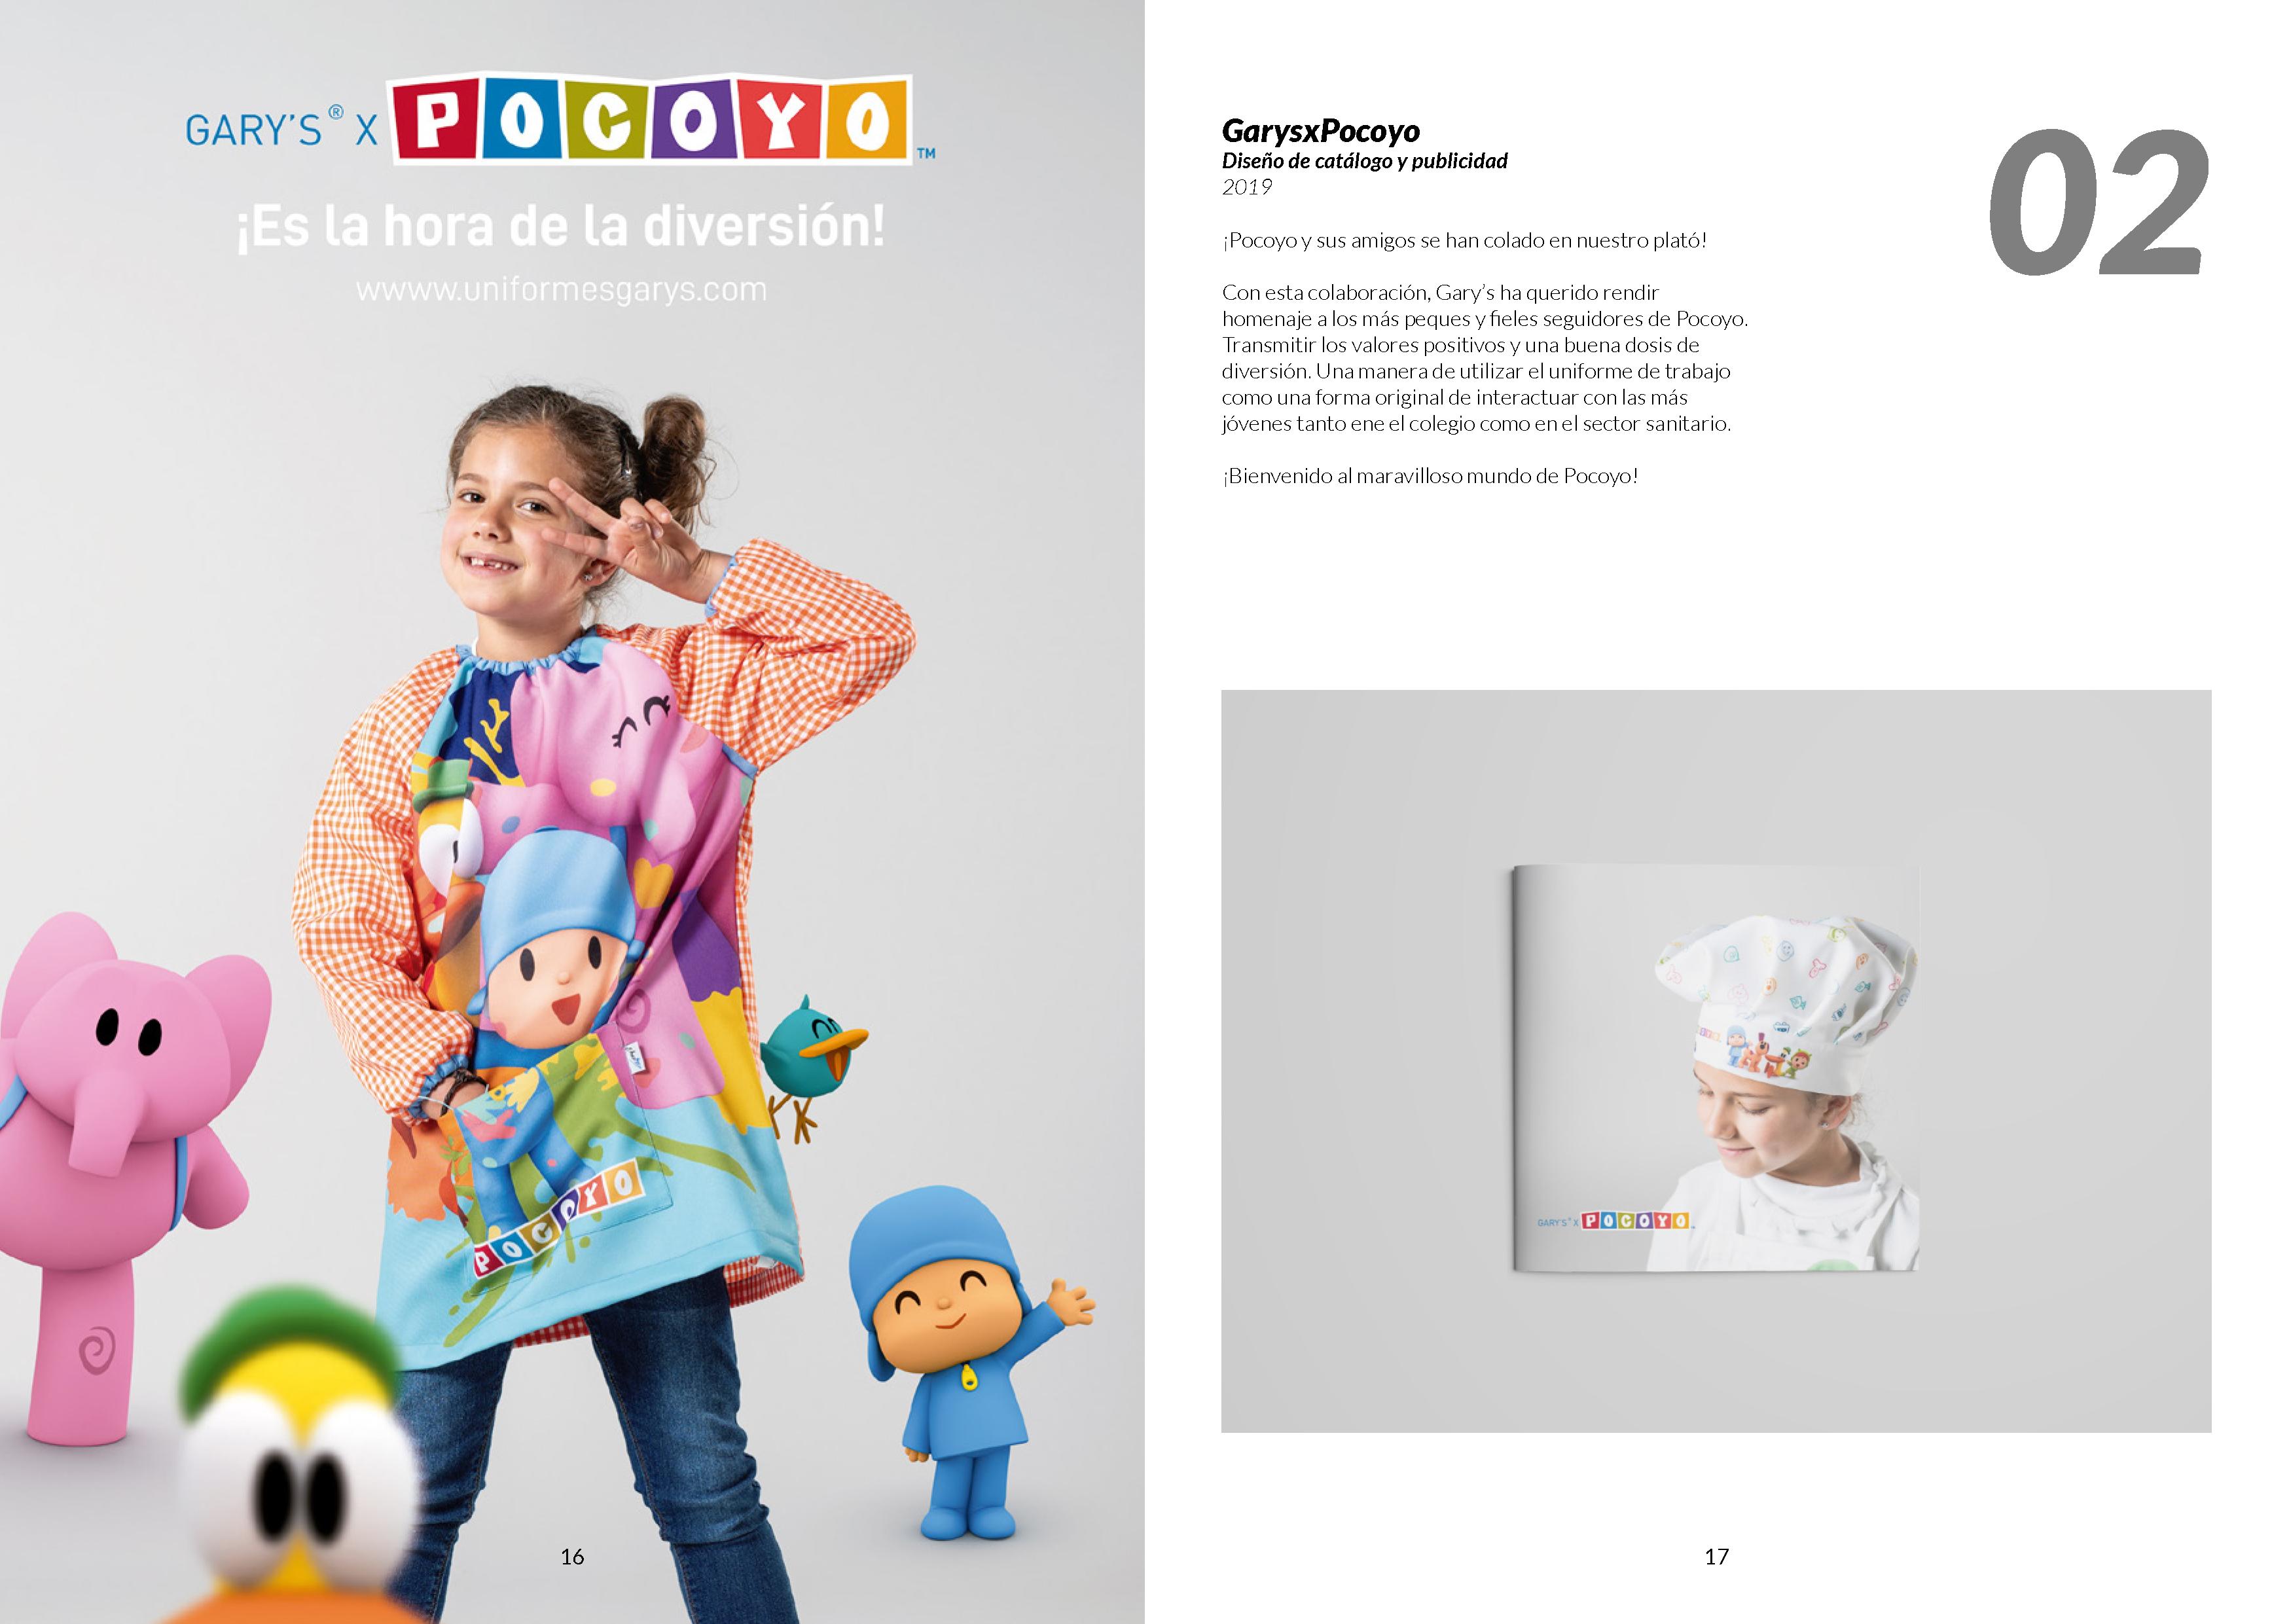 GarysxPocoyo Diseño de catálogo y publicidad